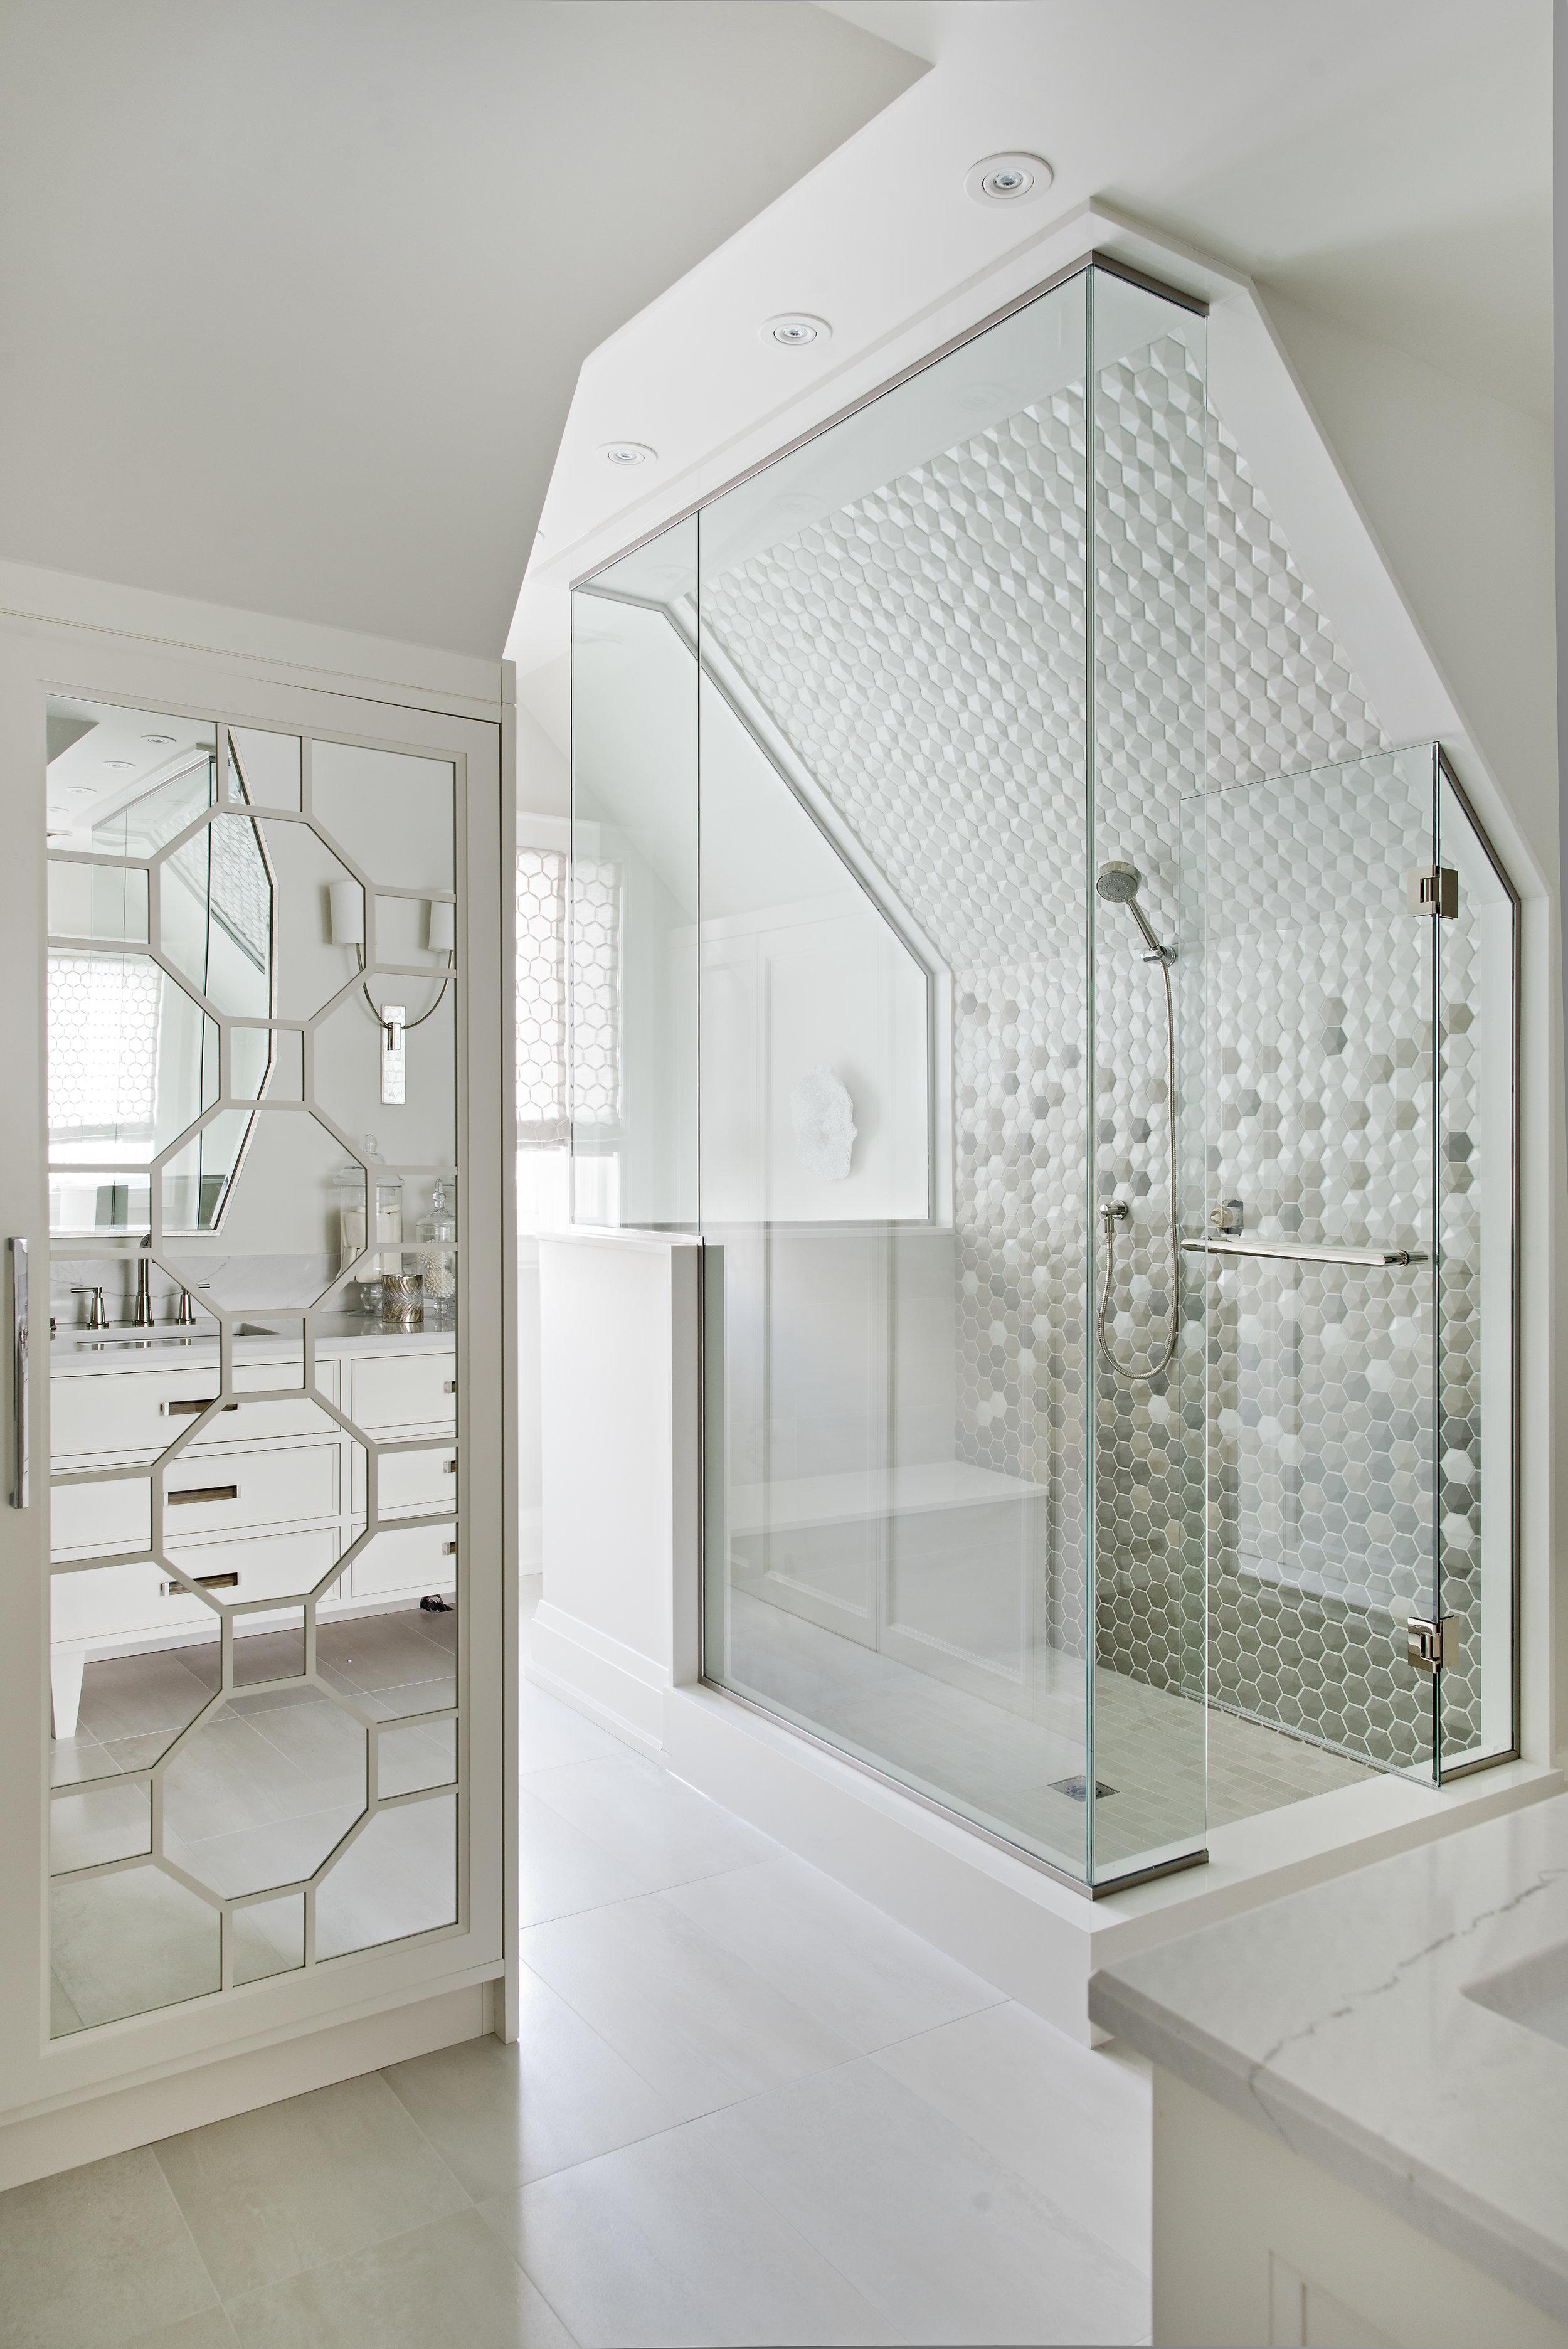 Interior Designer Pizzale Design Bright Shower Stall Hexagon Tile Details.jpg